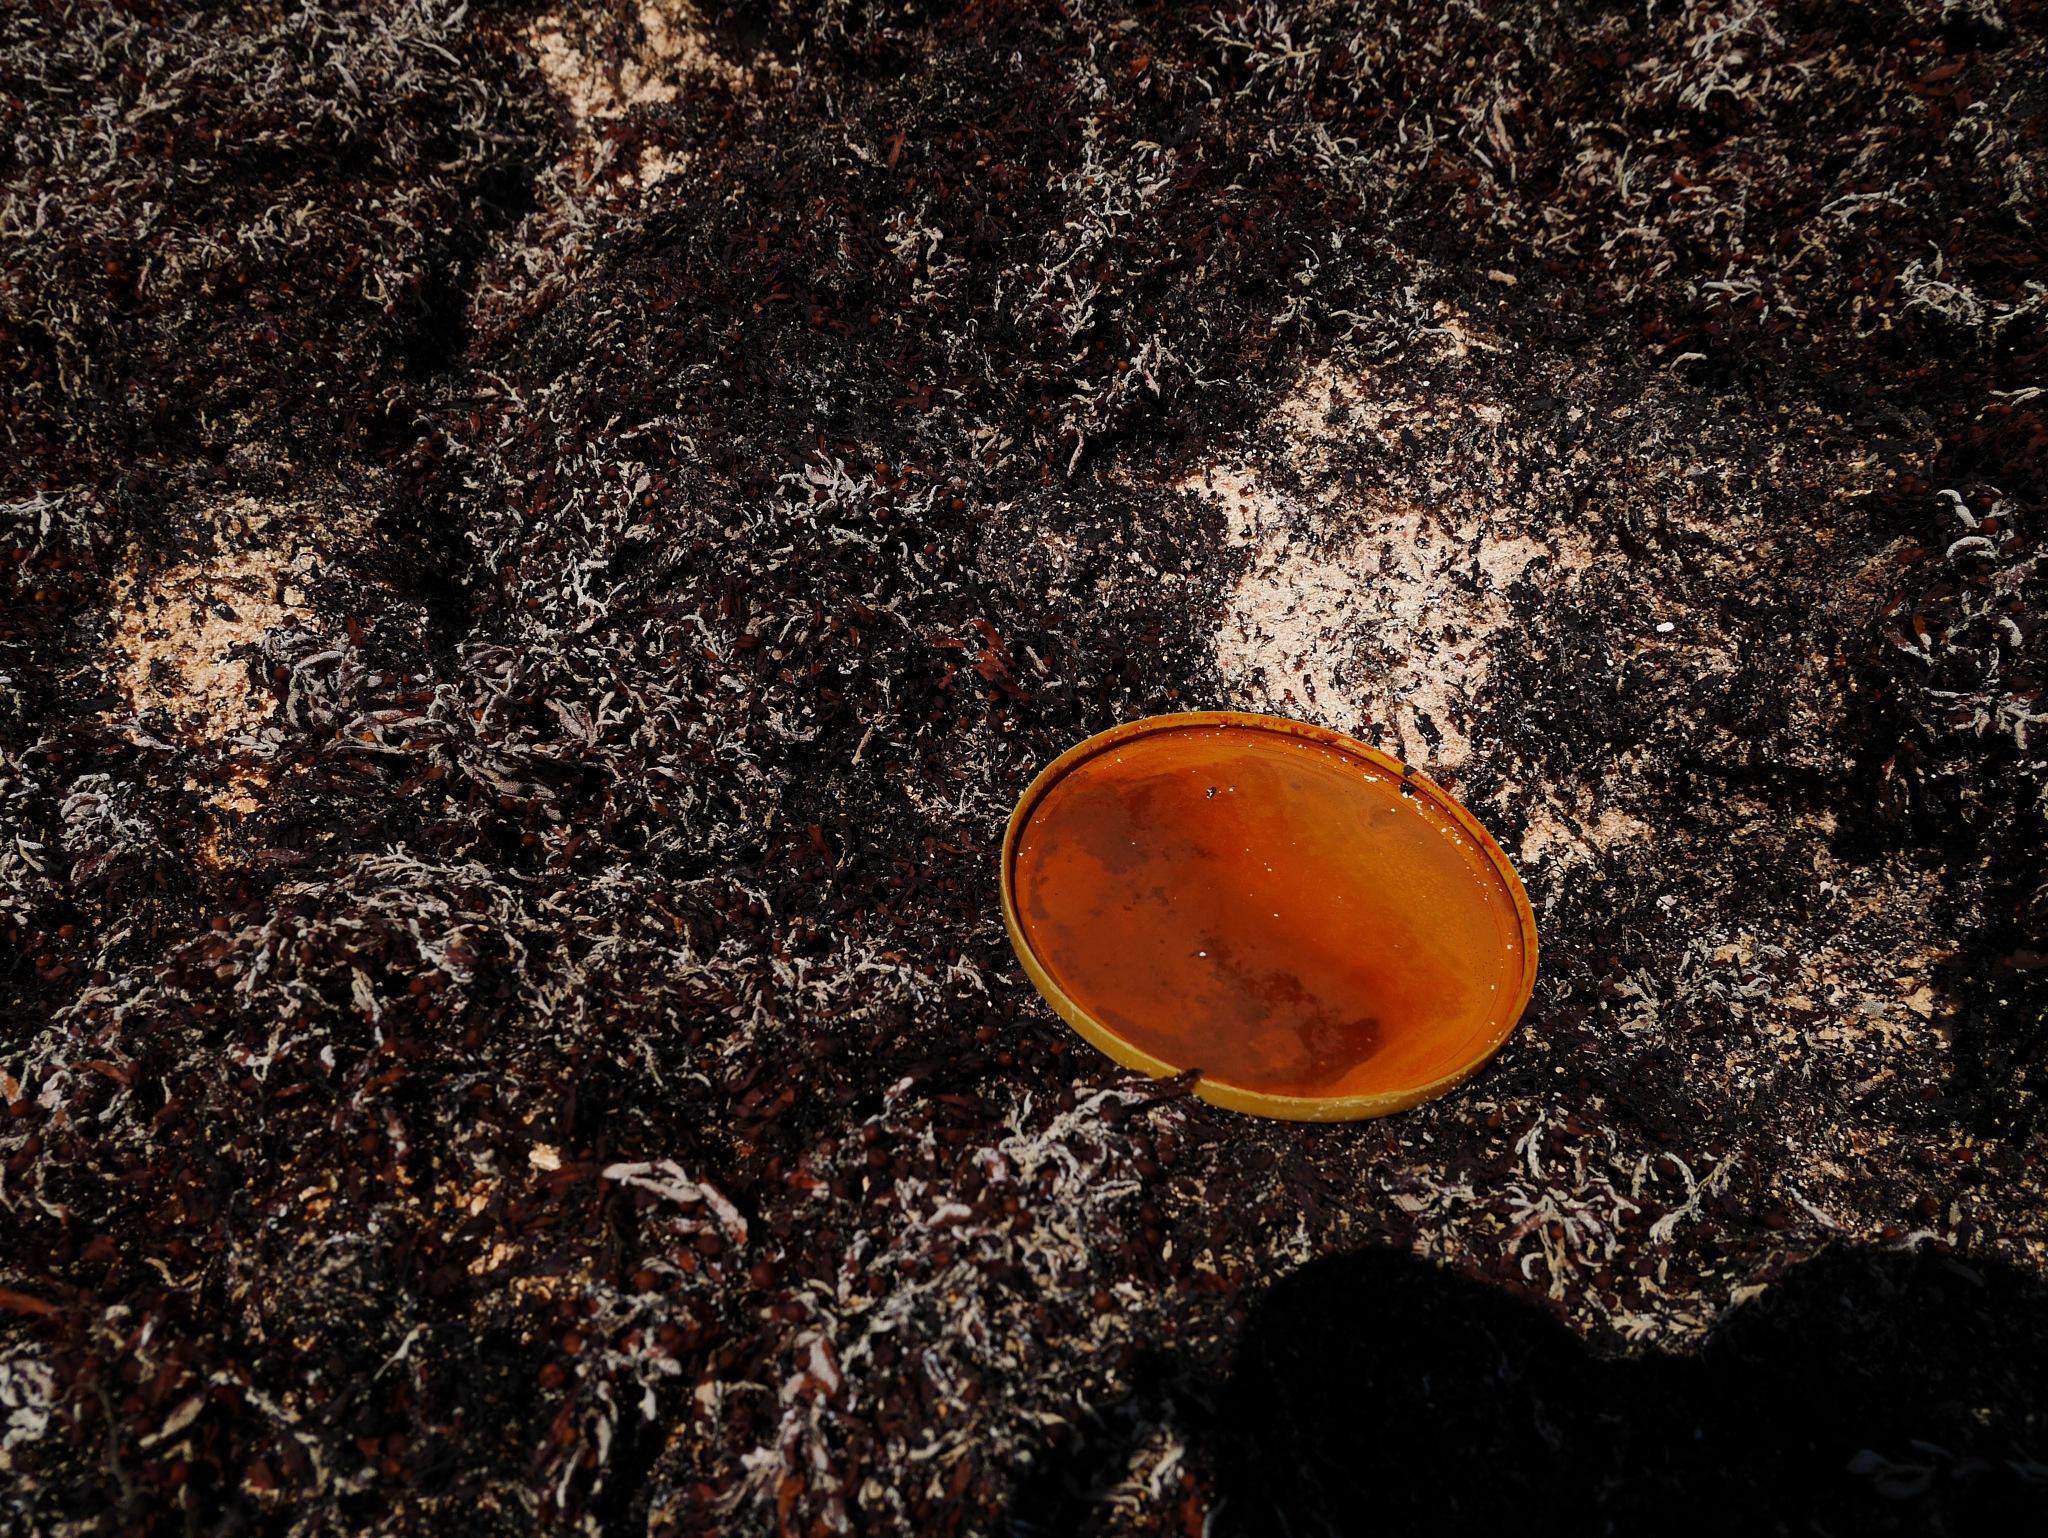 Pollution 3 by Mau056